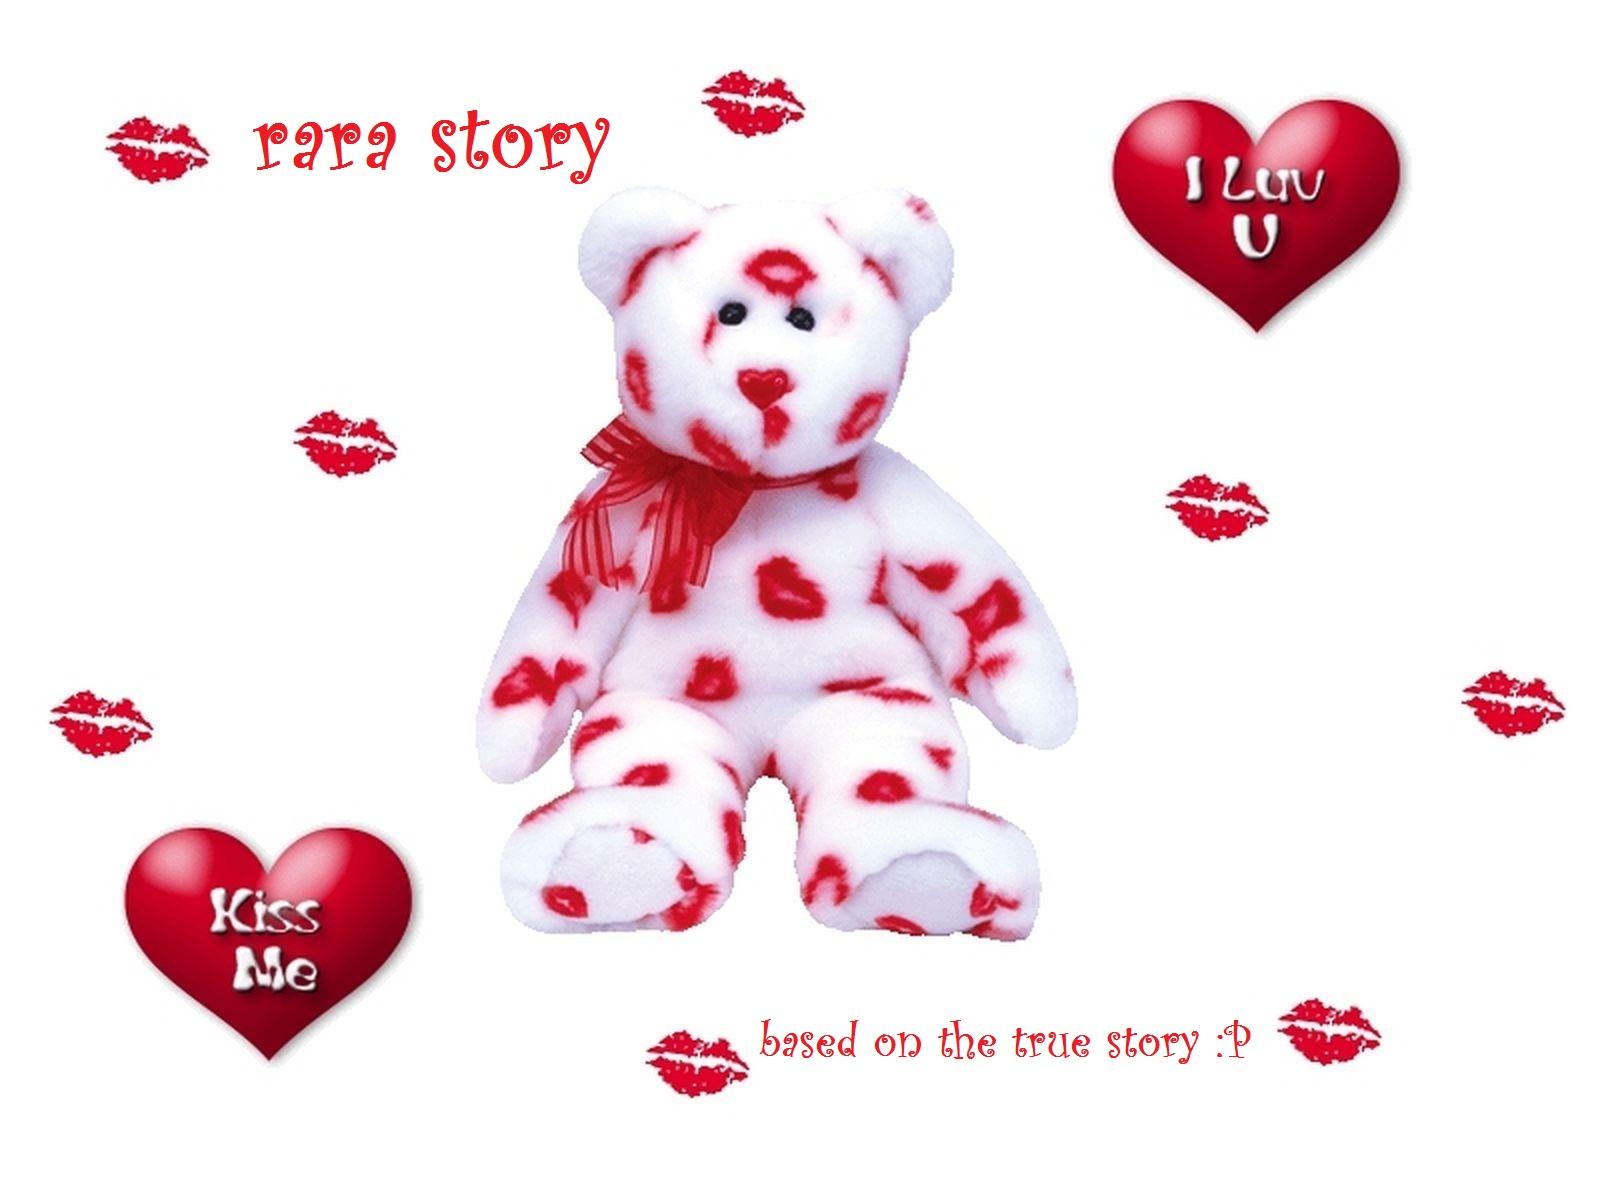 http://4.bp.blogspot.com/_CsA6UQvcs8w/TOOFEb1t_8I/AAAAAAAAAFM/yq9TcUKN4gg/s1600/Love-Wallpaper-love-2939257-1600-1200.jpg